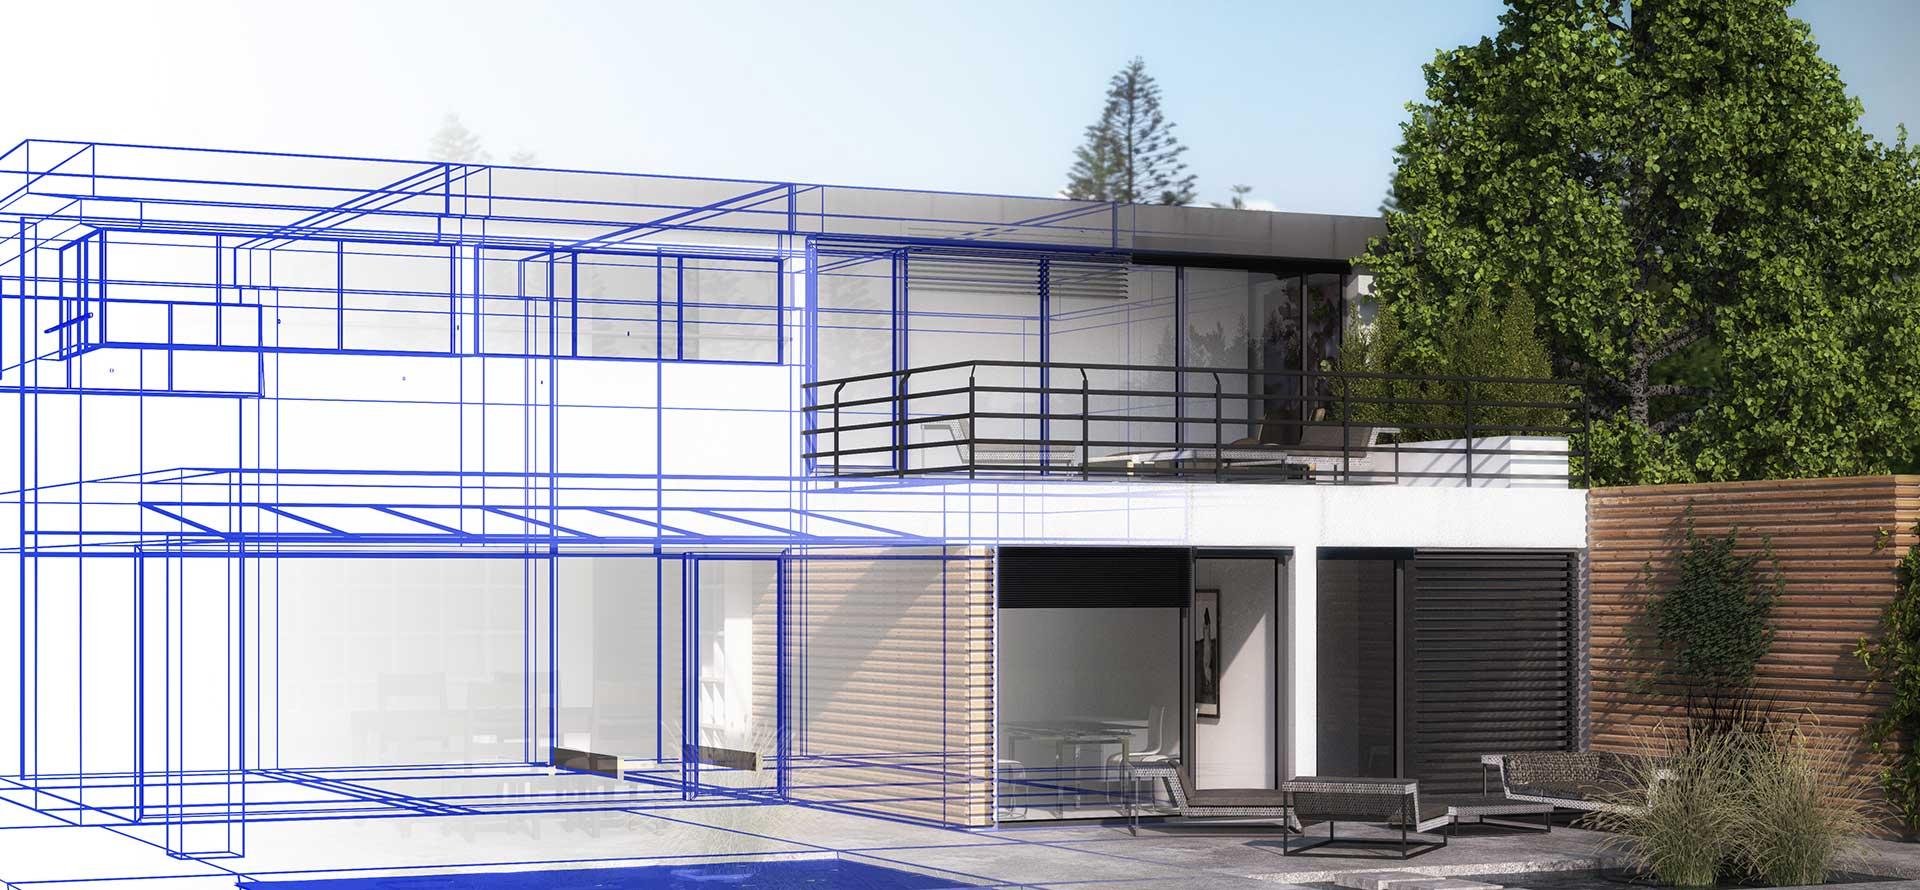 Costo Costruzione Casa Al Grezzo esa italy: case in legno - esa italy - case in legno